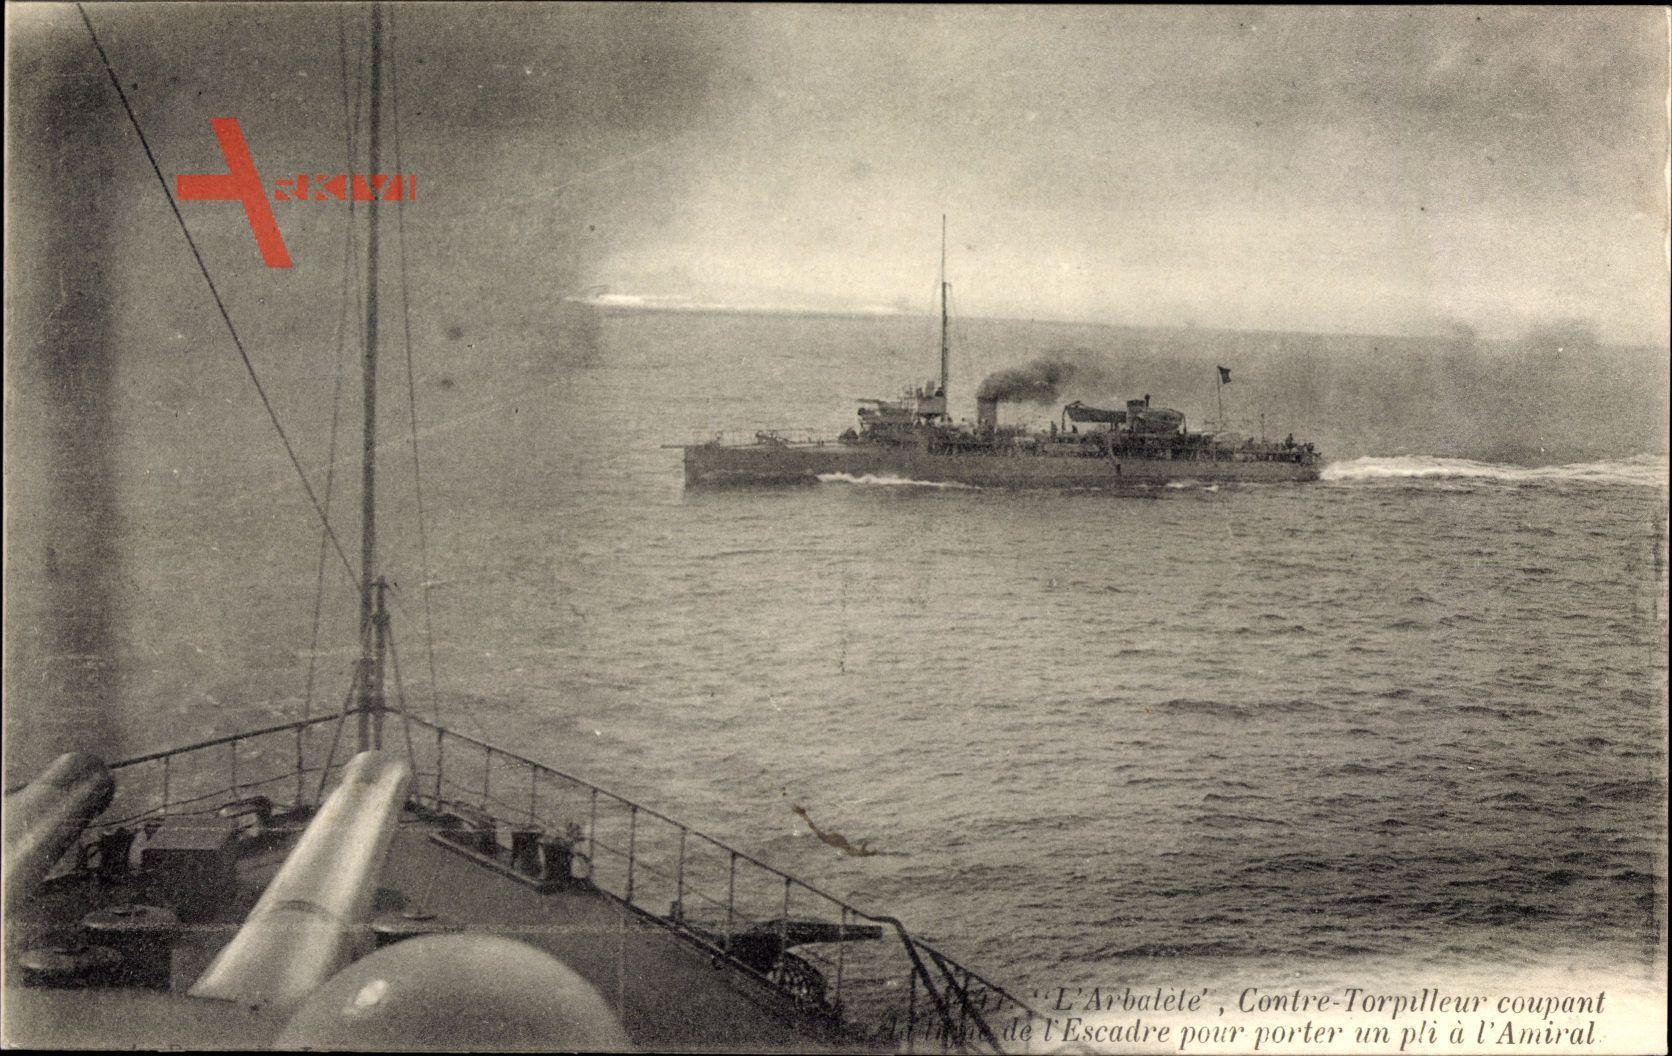 Französisches Kriegsschiff, Arbalète, Contre Torpilleur